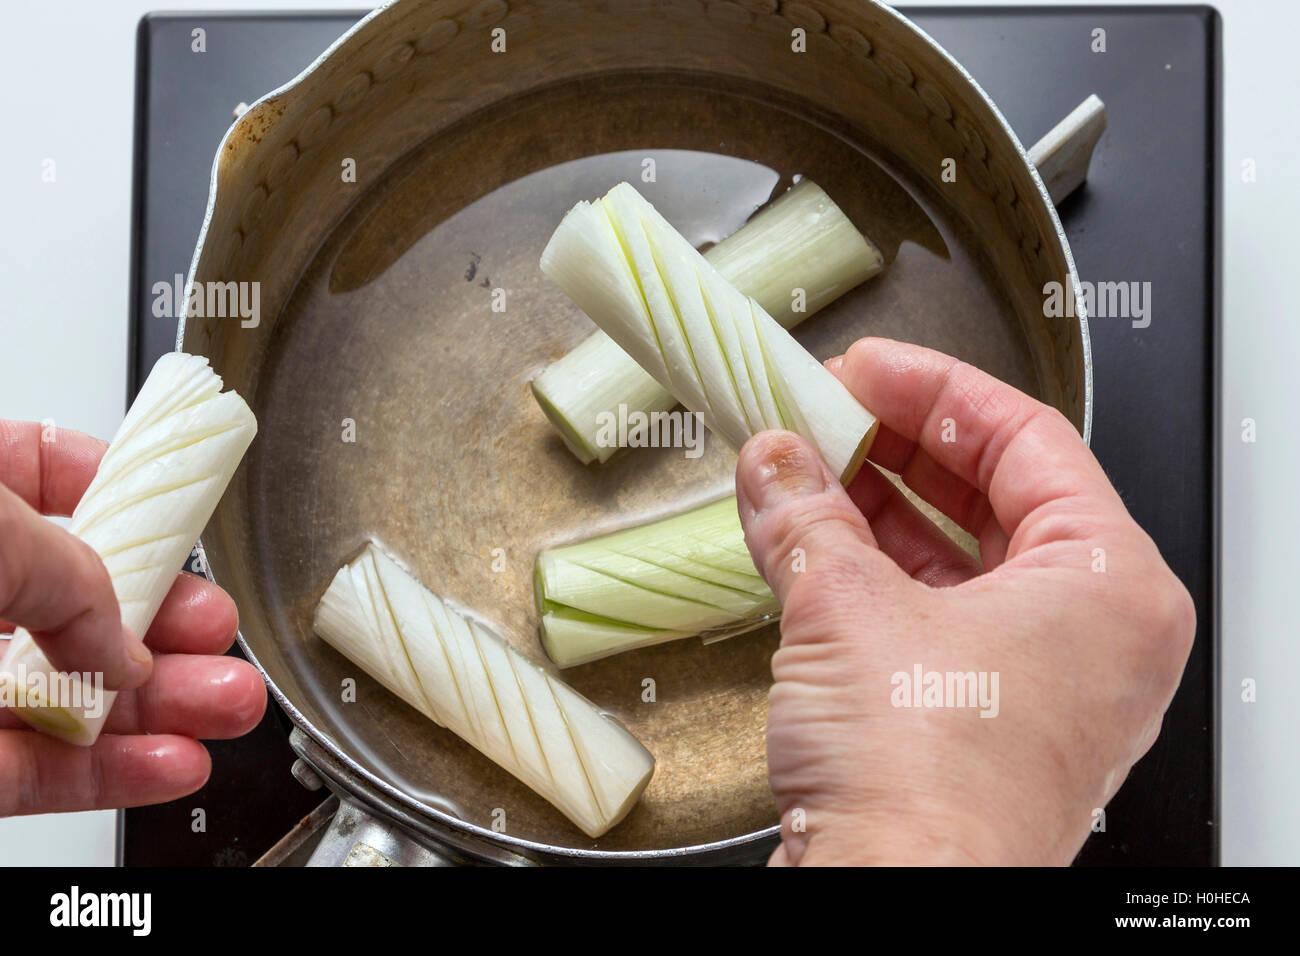 Preparación de la cebolla para cocinar en la cocina Imagen De Stock